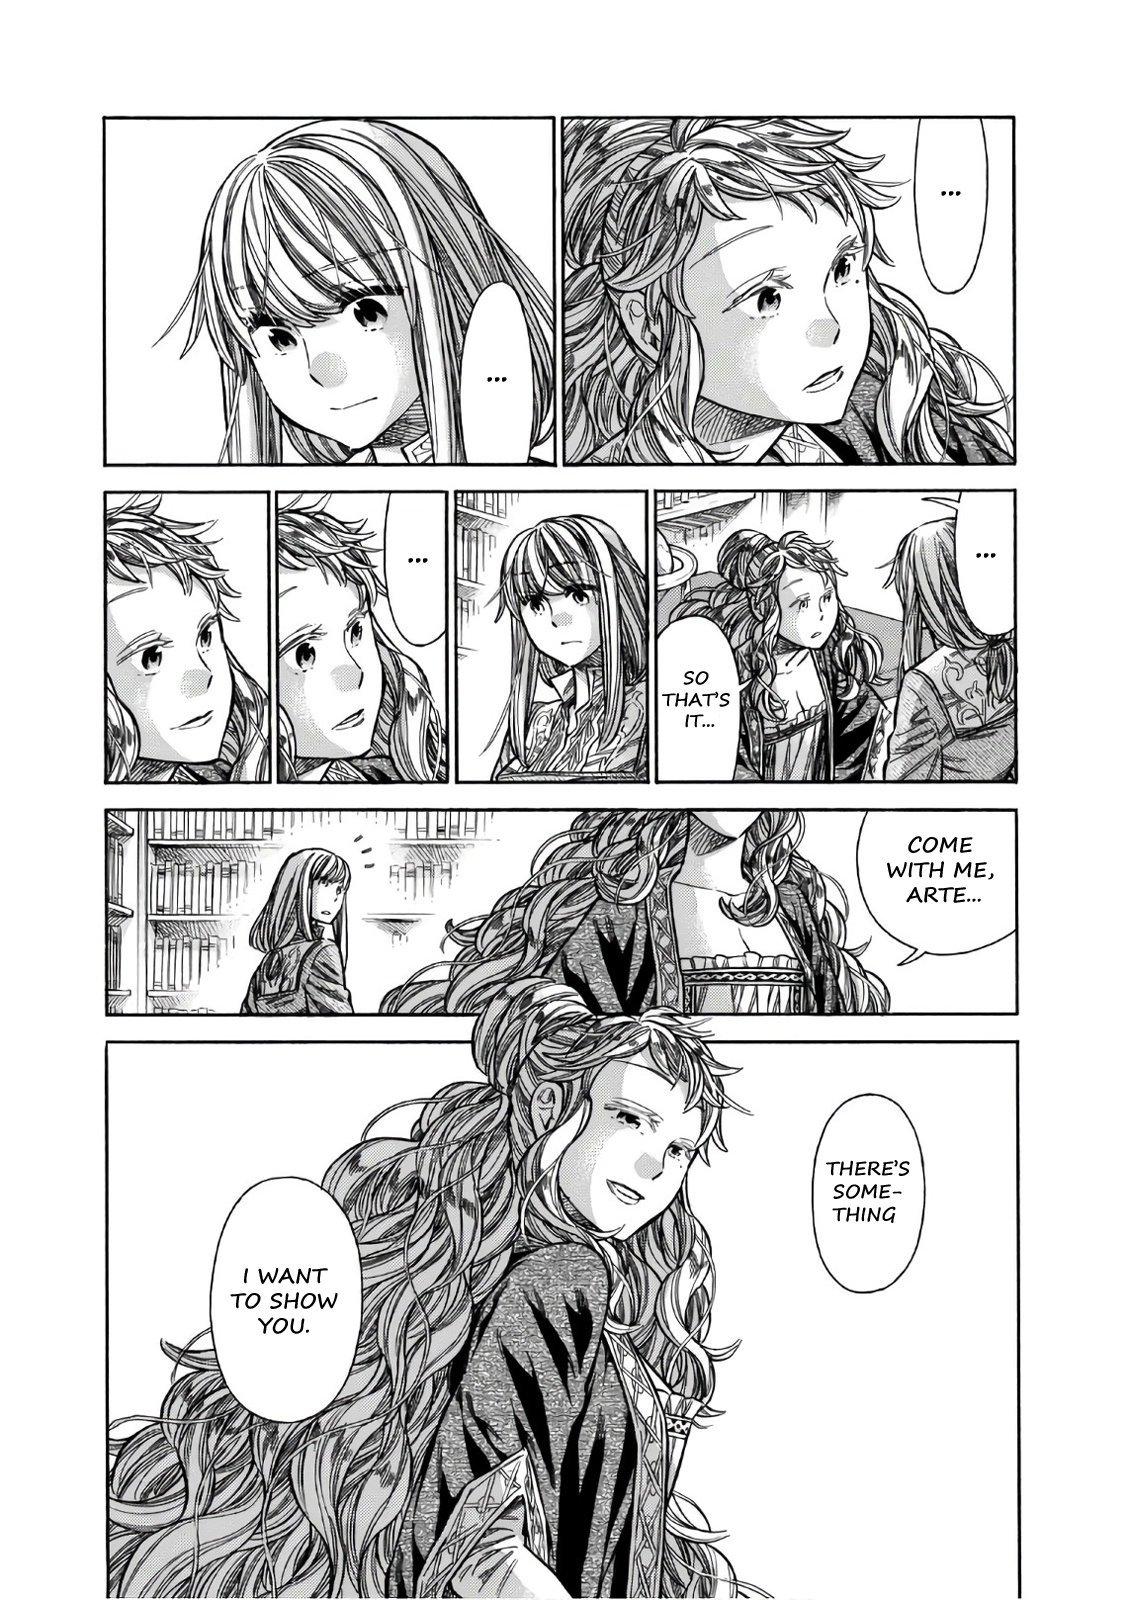 Manga Arte - Chapter 39 Page 12